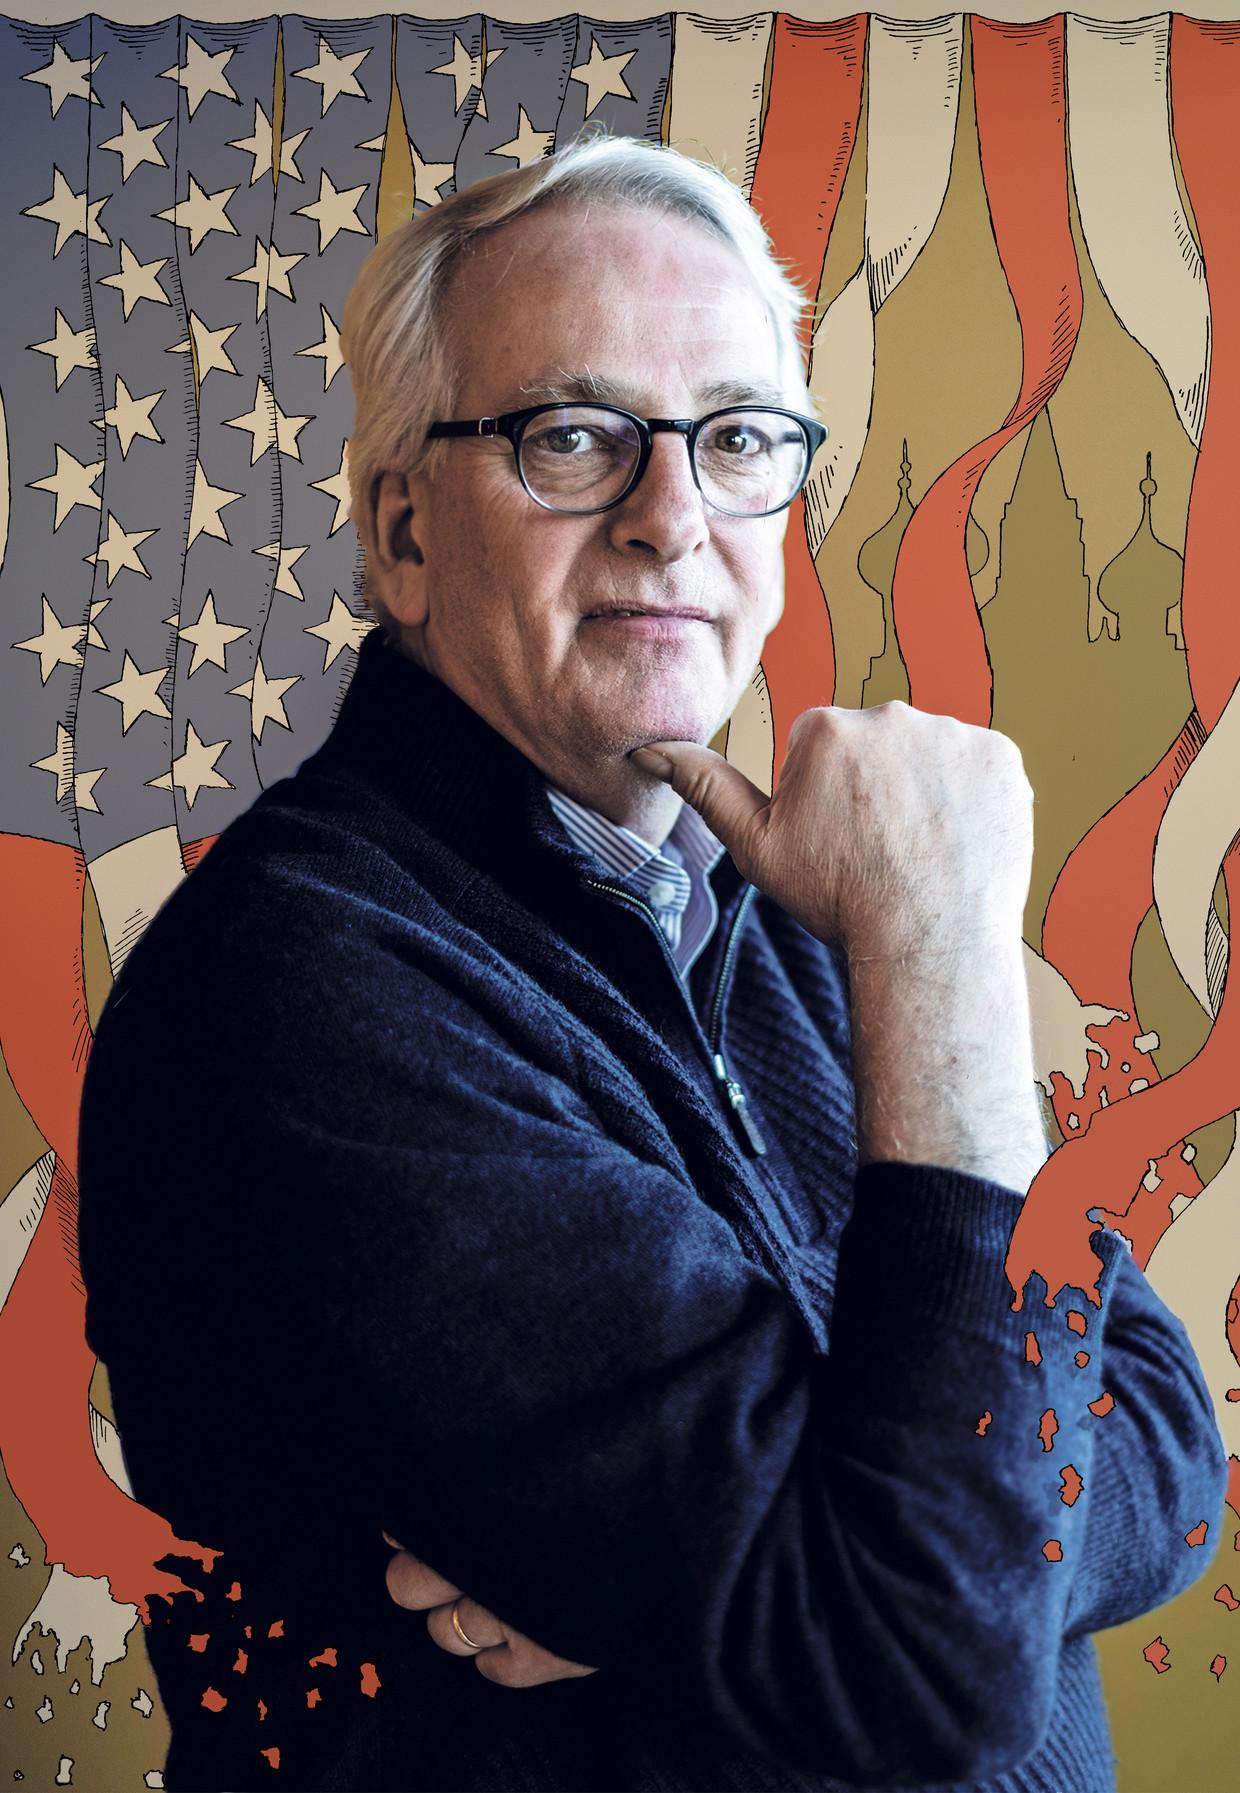 Ivo Daalder is de voorzitter van de Chicago Council on Global Affairs. Hij schreef een boek over zijn tijd als Obama's Navo-adviseur.